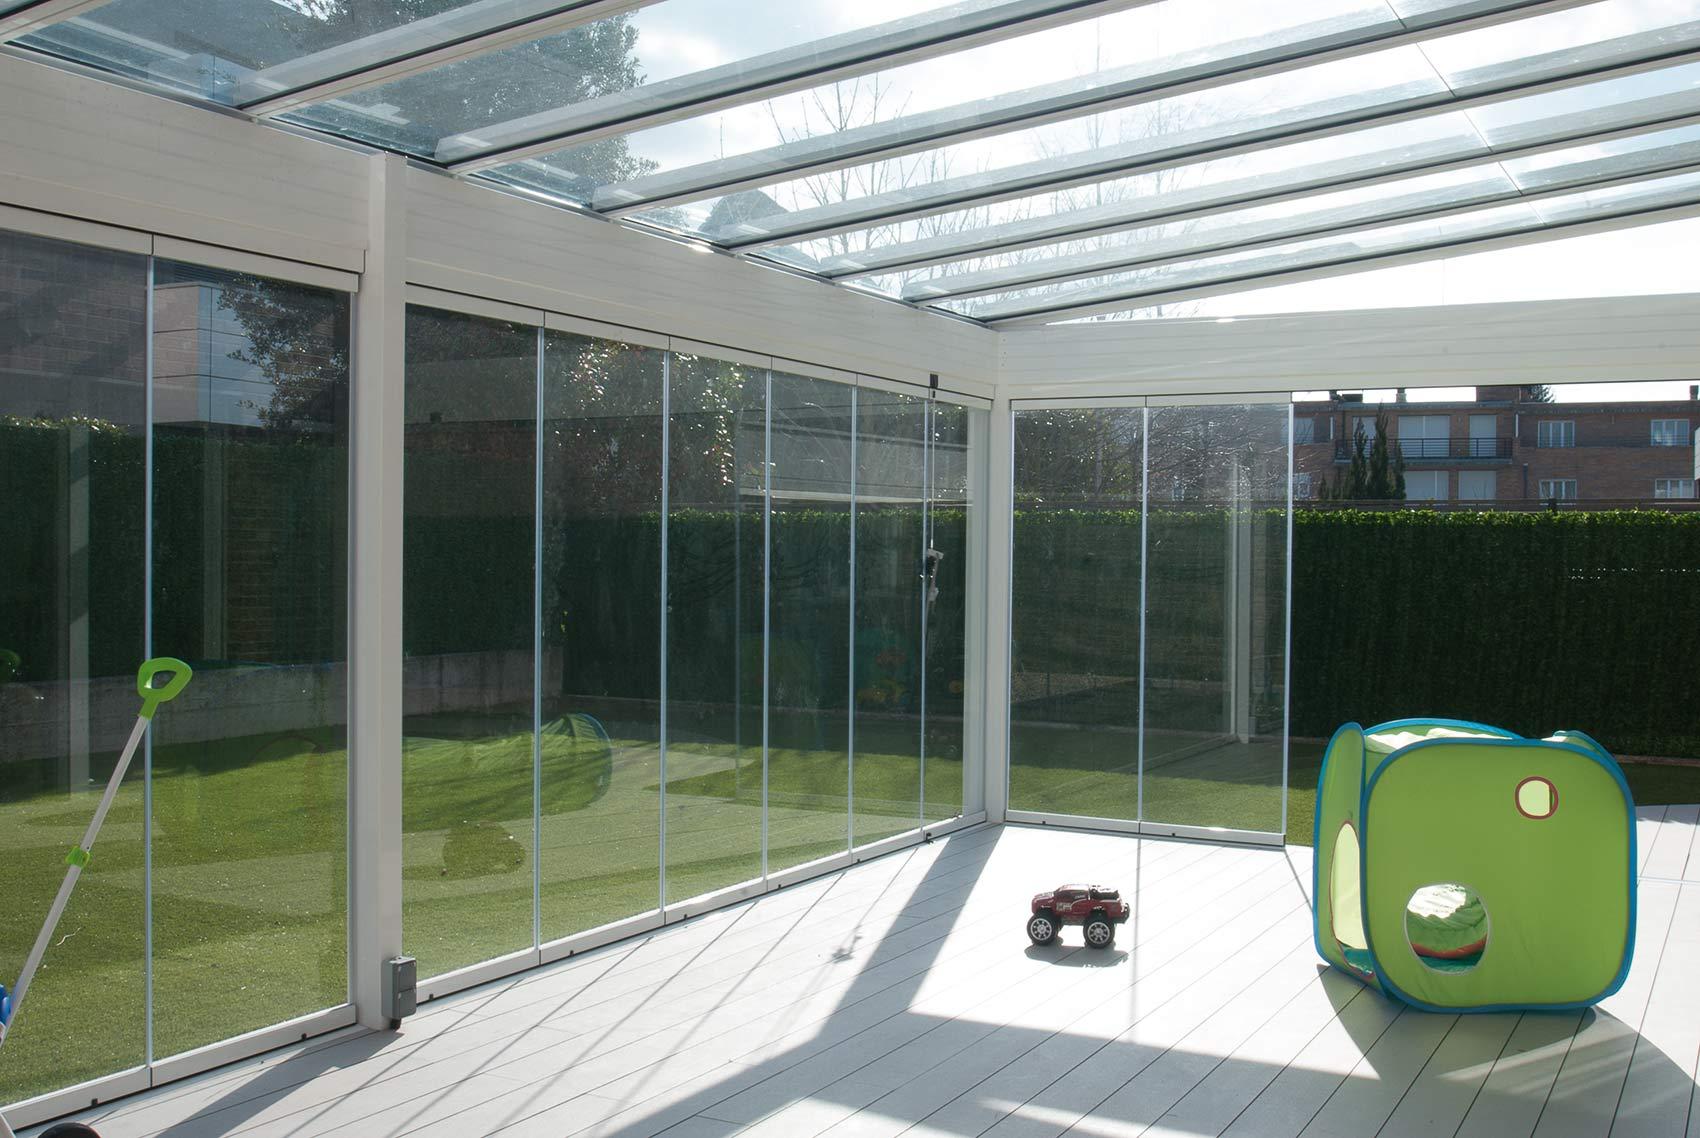 jardin-porche-aluminio-1